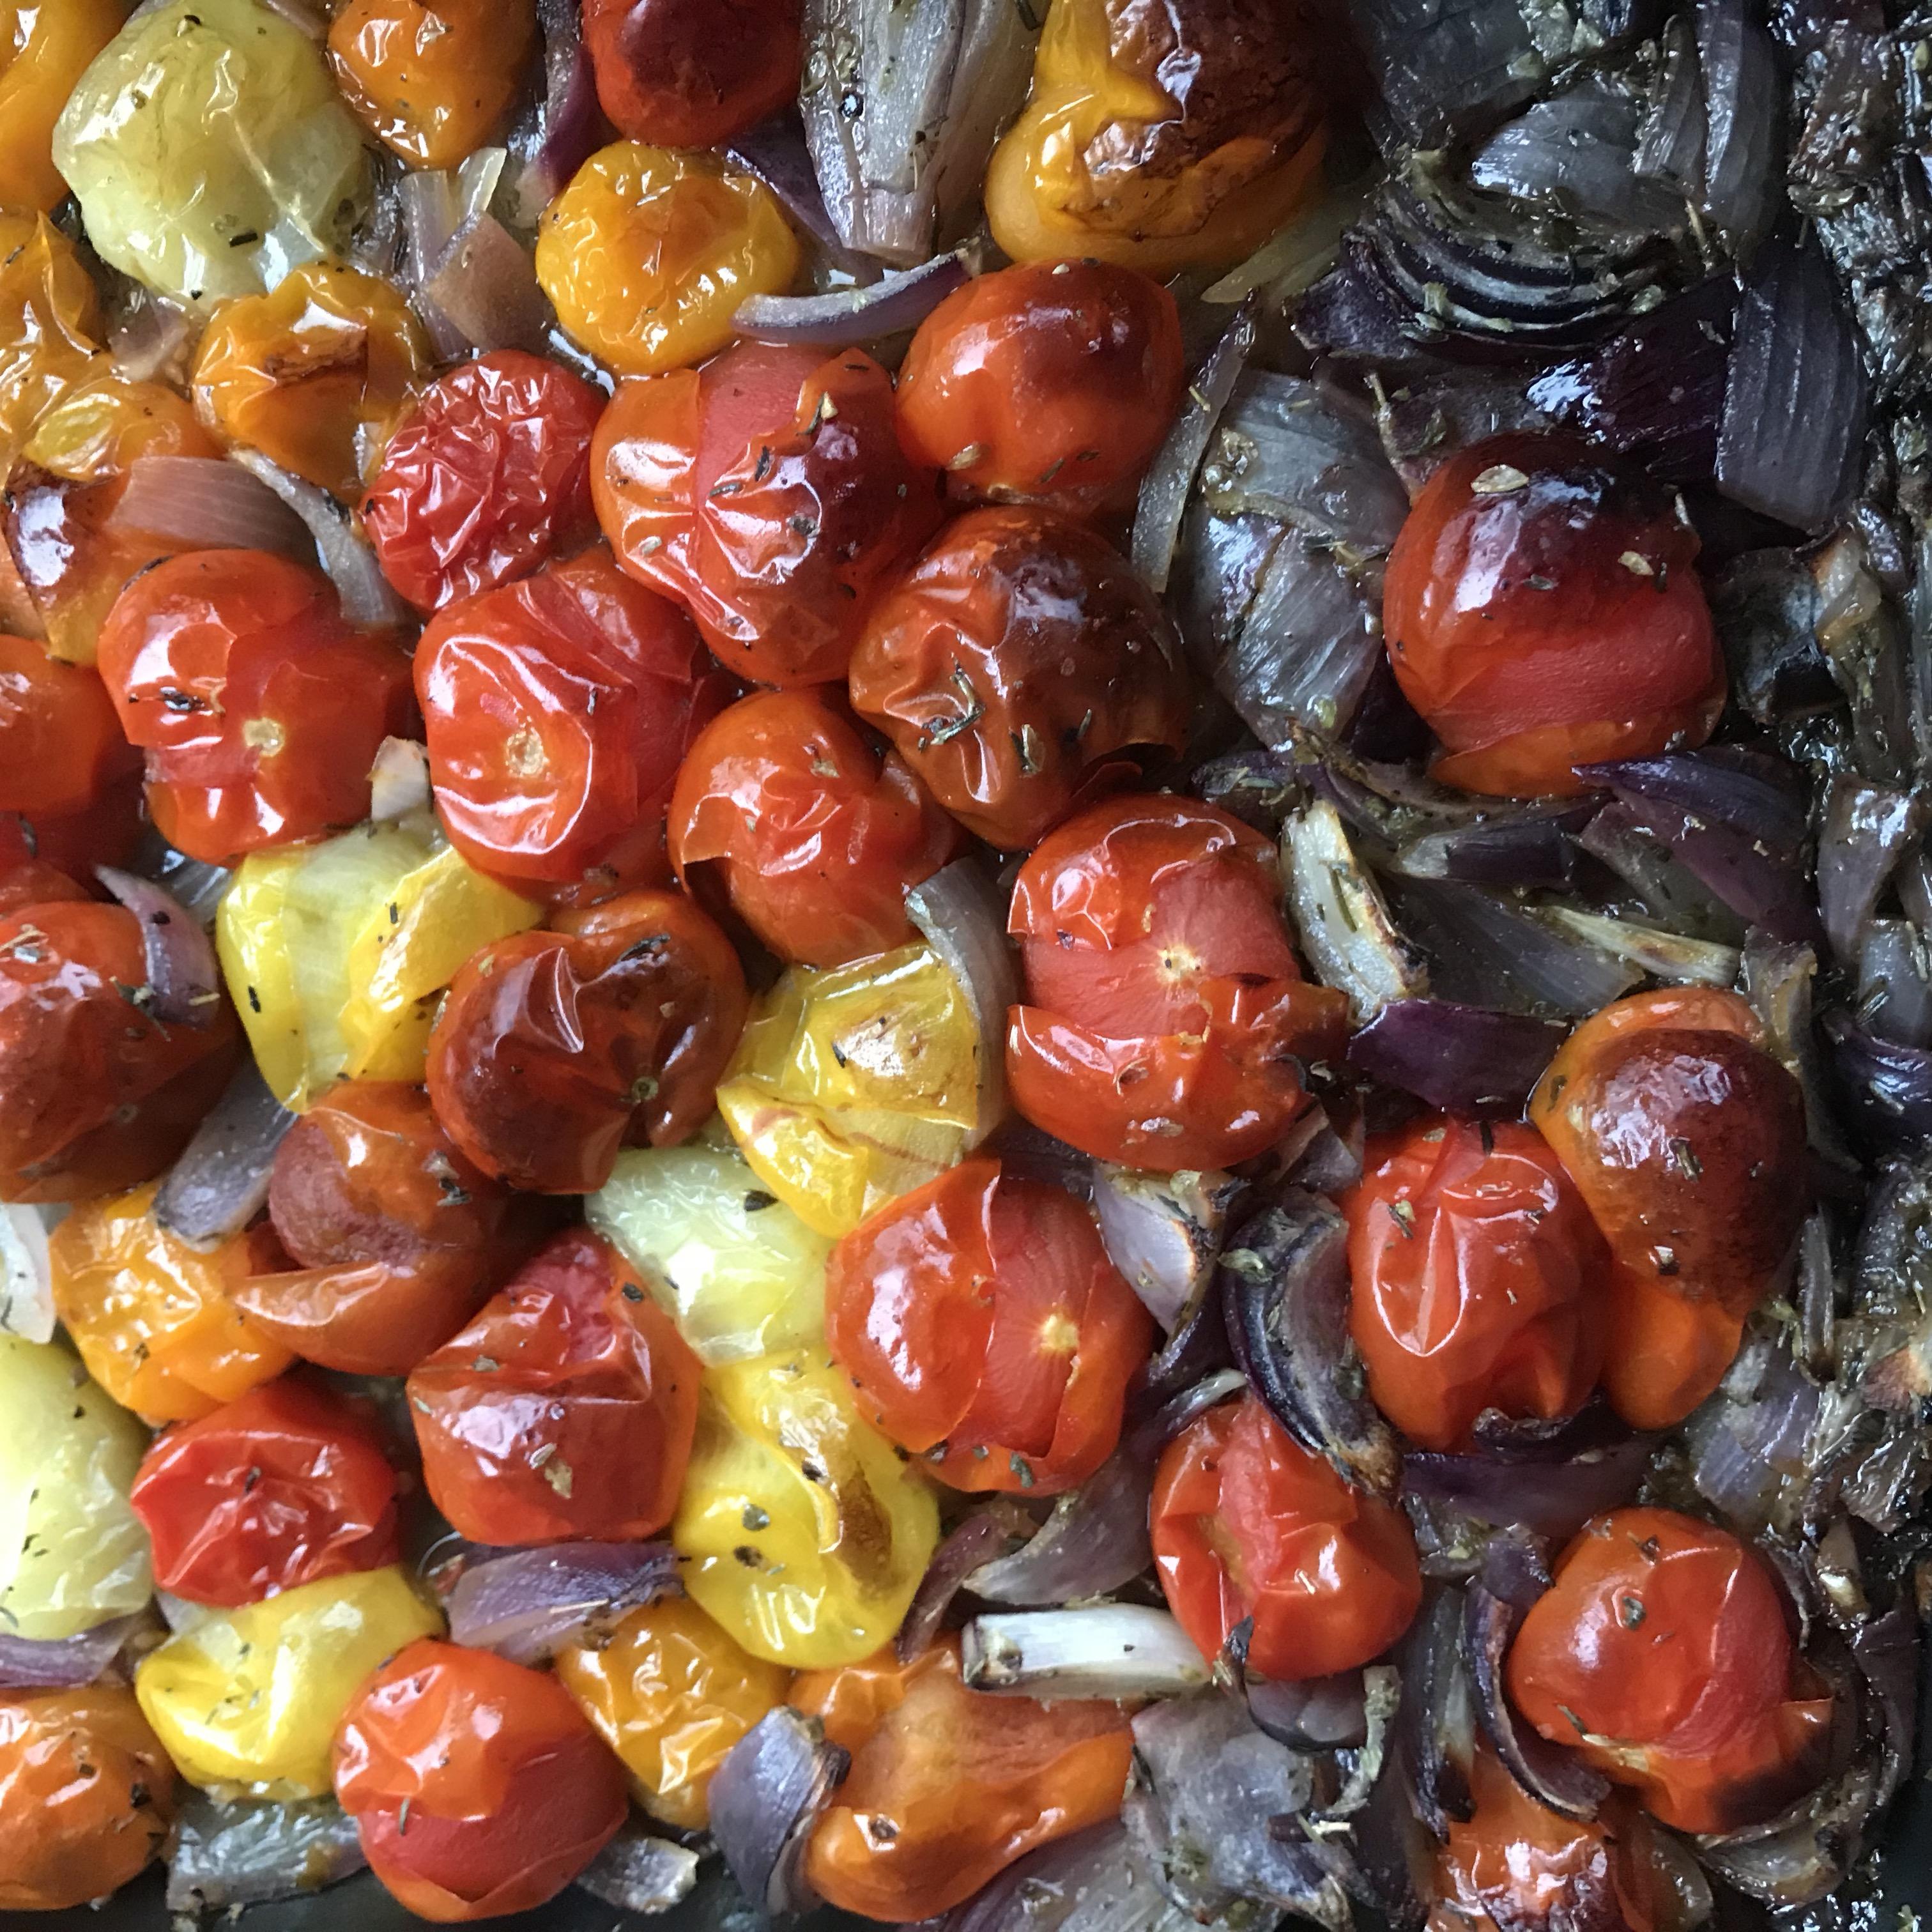 Schep de gebakken tomaatjes erop